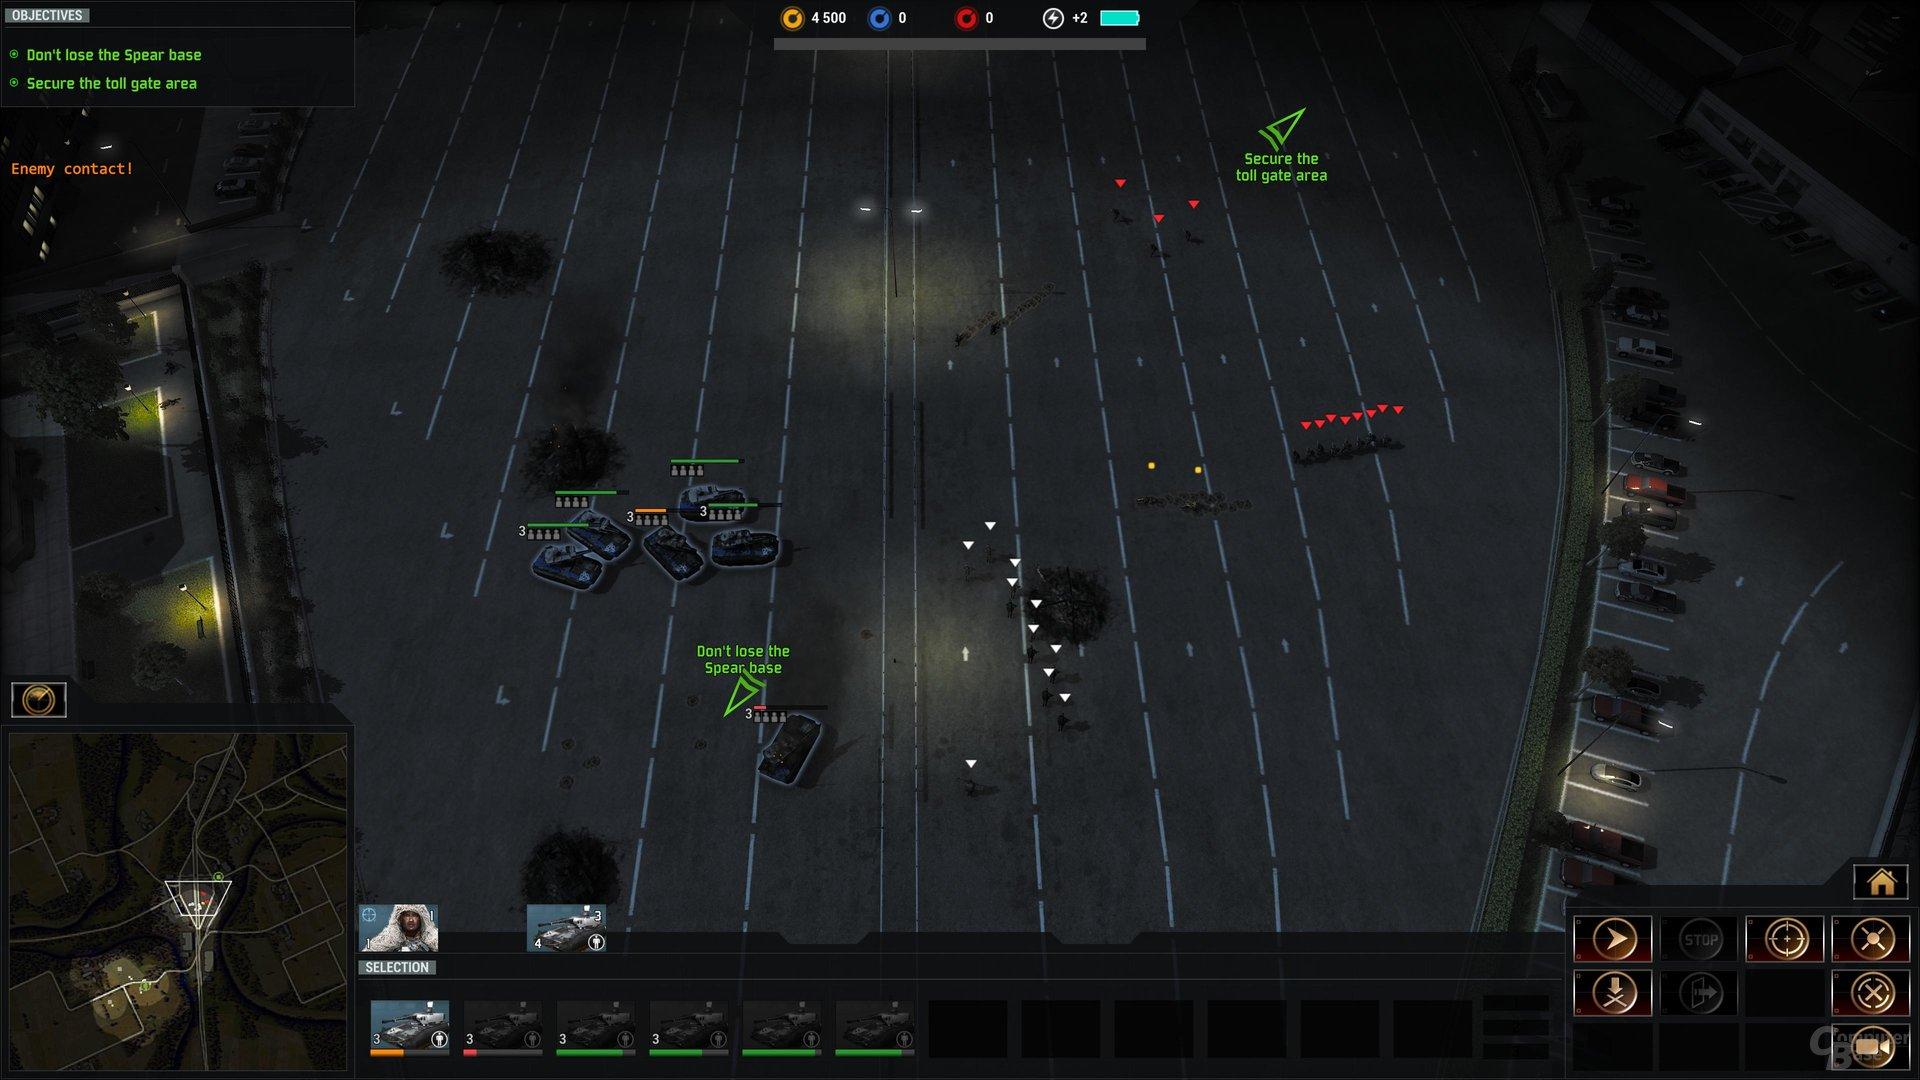 Die vergrößerte Gefechtsdistanz zwingt zu kleinem Zoom